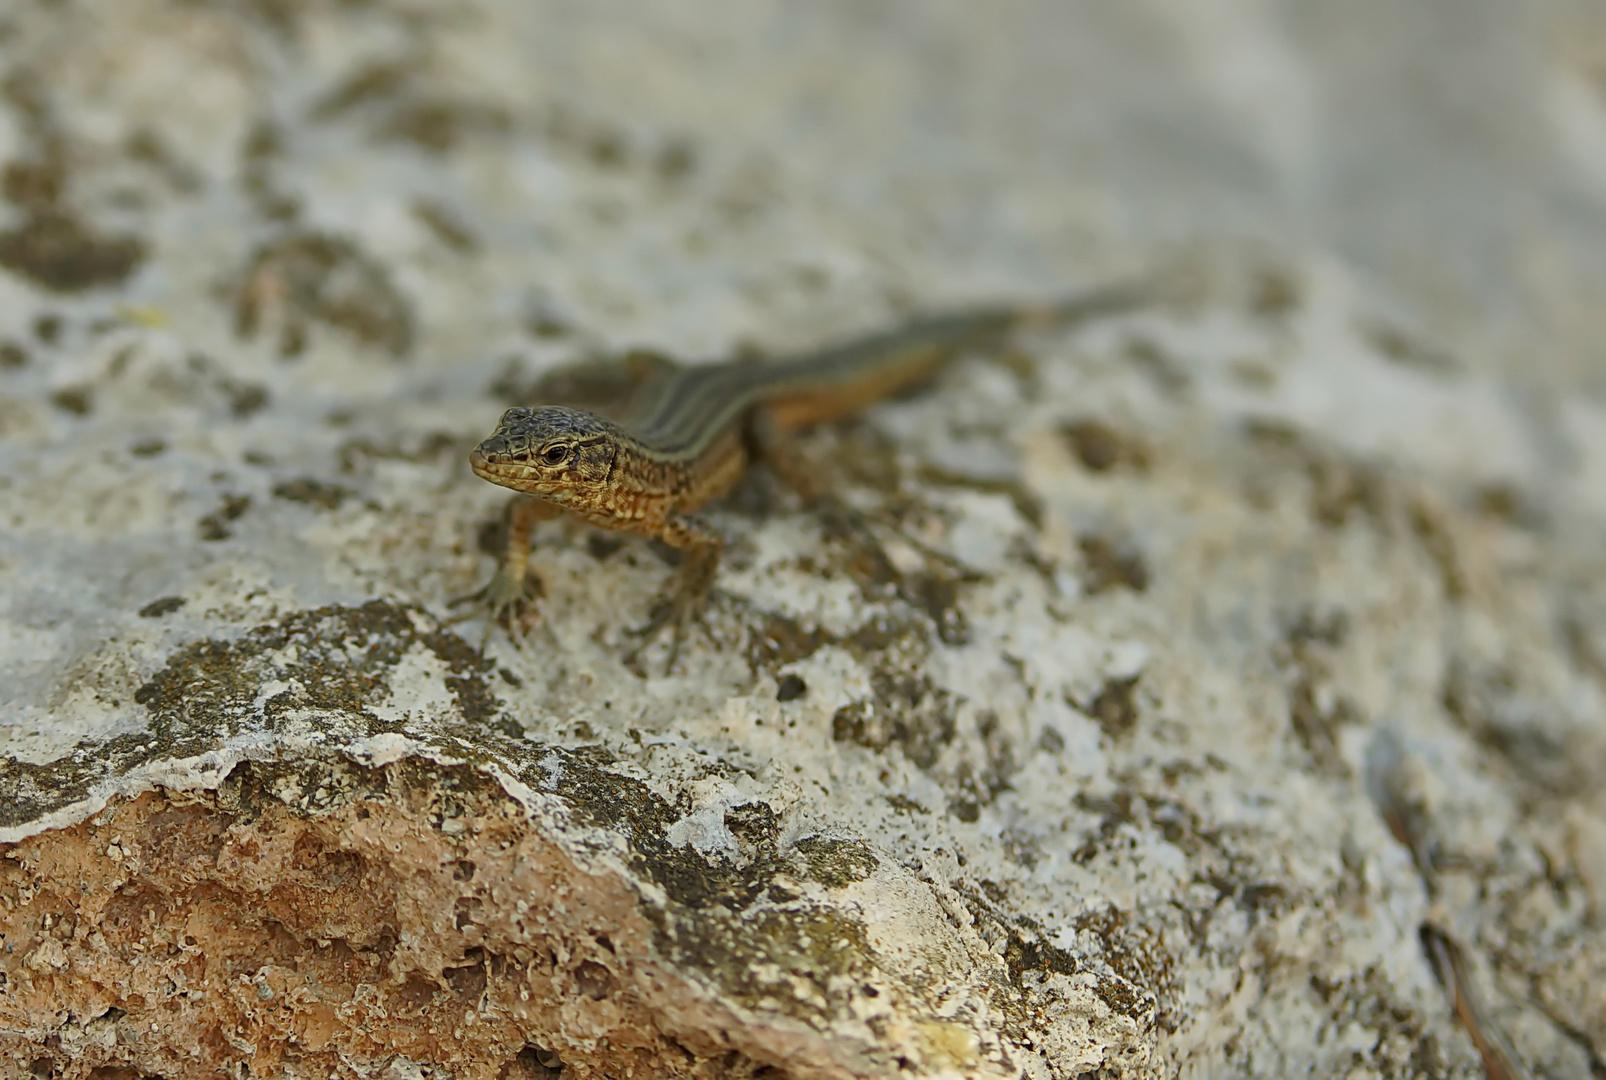 Dragonera-Eidechse (Podarcis lilfordi ssp. giglioli)